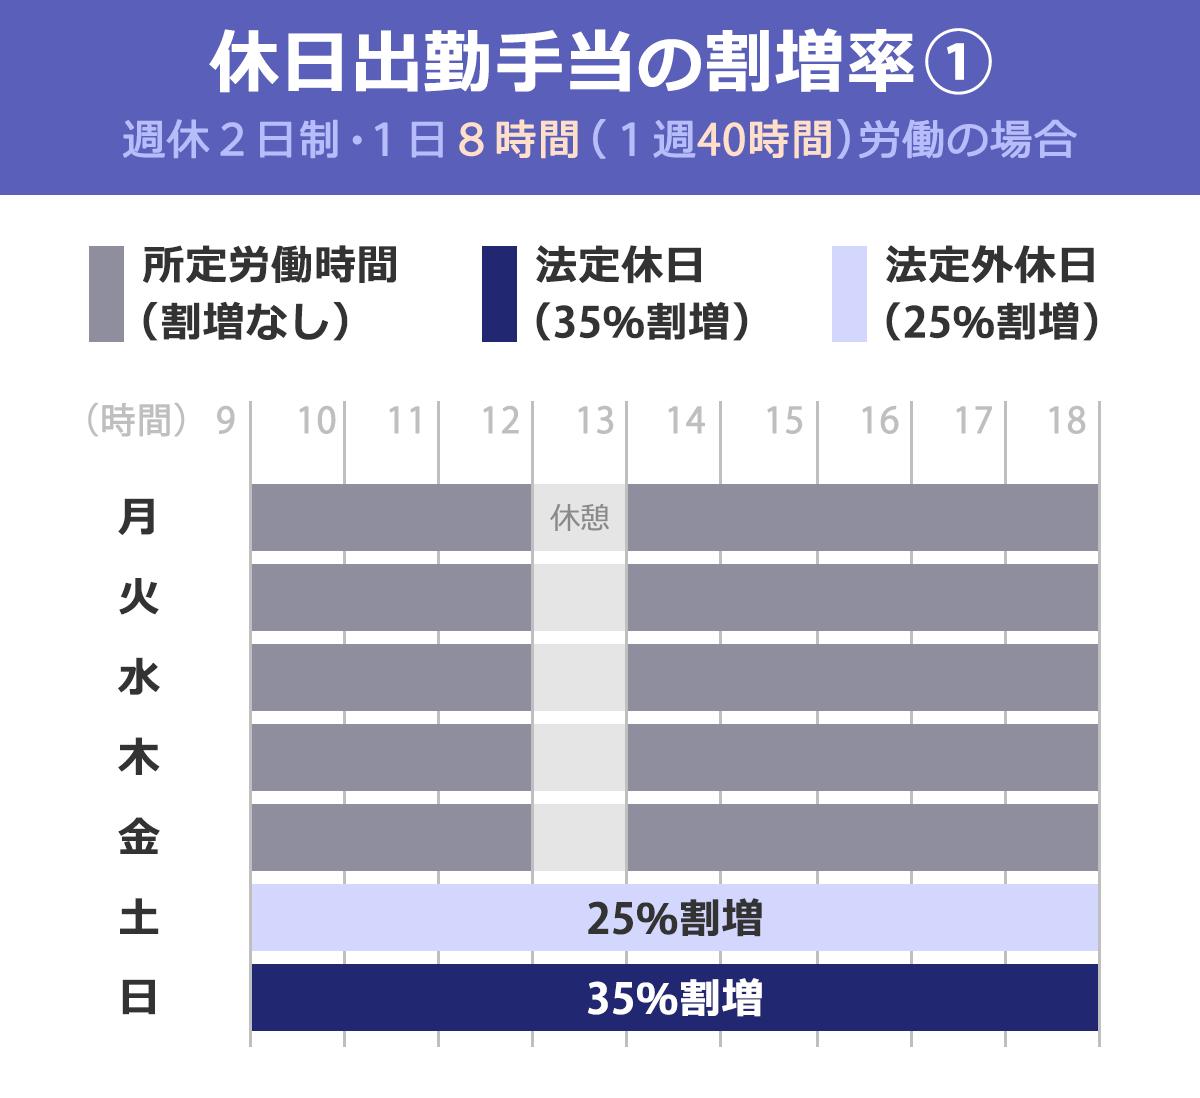 「休日出勤手当ての割増率(1):週休2日制・1日8時間(1週40時間)労働の場合」を表した図表。